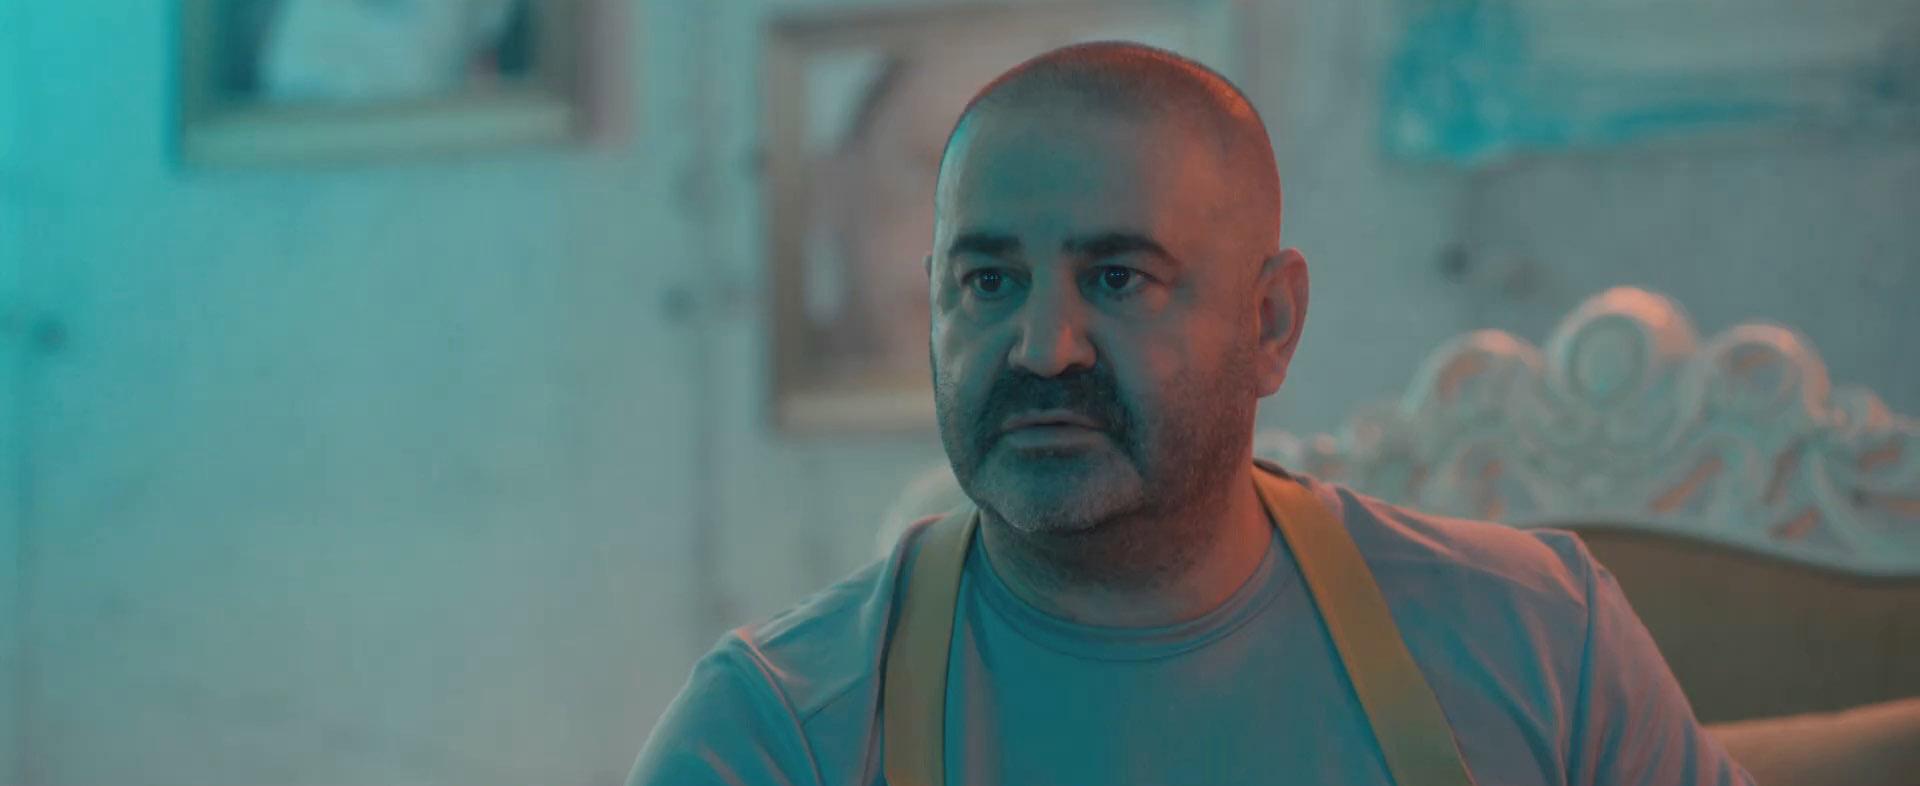 Bana Bir Soygun Yaz 2 | 2019 | Yerli Film | WEB-DL | XviD | Sansürsüz | 1080p - m720p - m1080p | WEB-DL | Tek Link